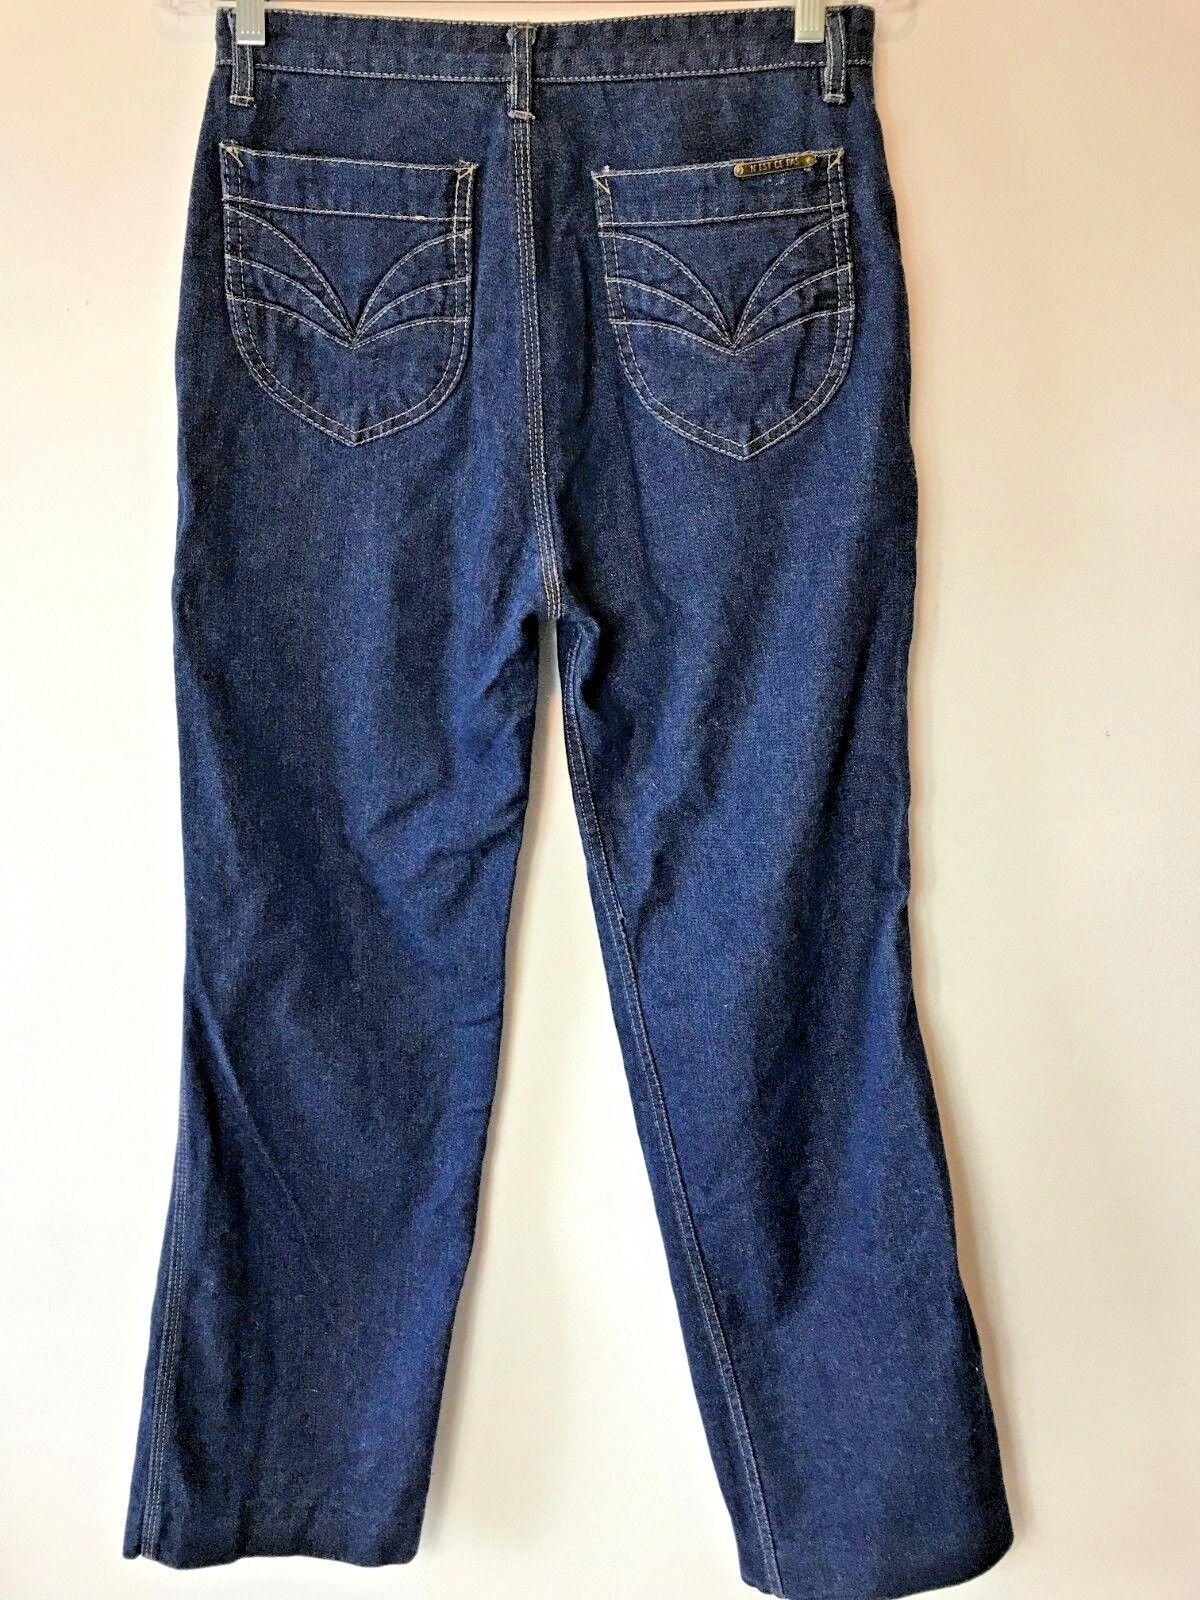 Vintage 1980s Nest N'est Ce Pas High Waist Jeans … - image 4